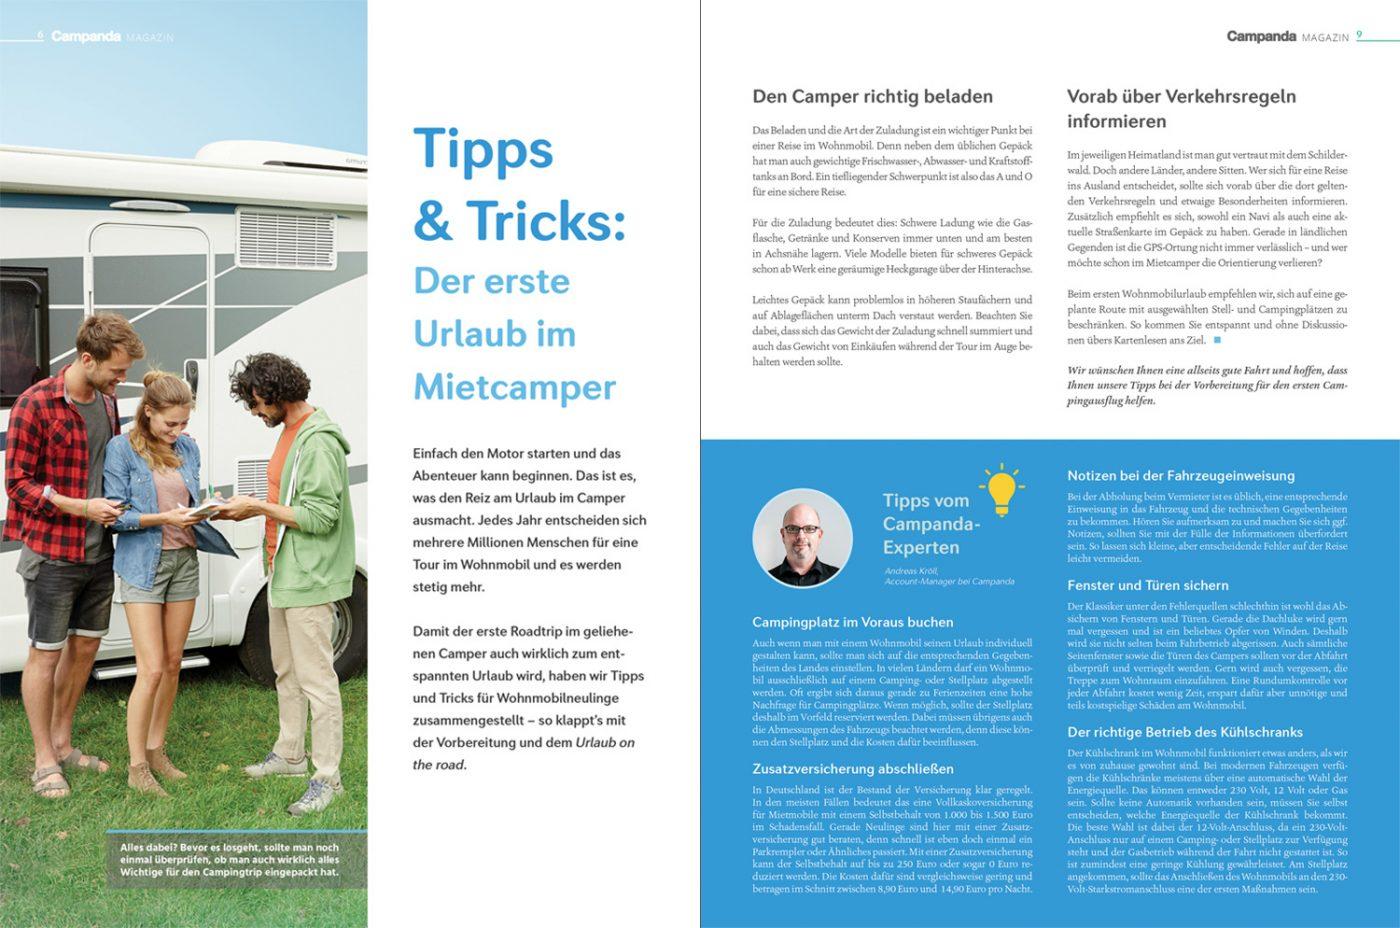 Artikel über Tipps und Tricks für Neu-Wohnmobilisten